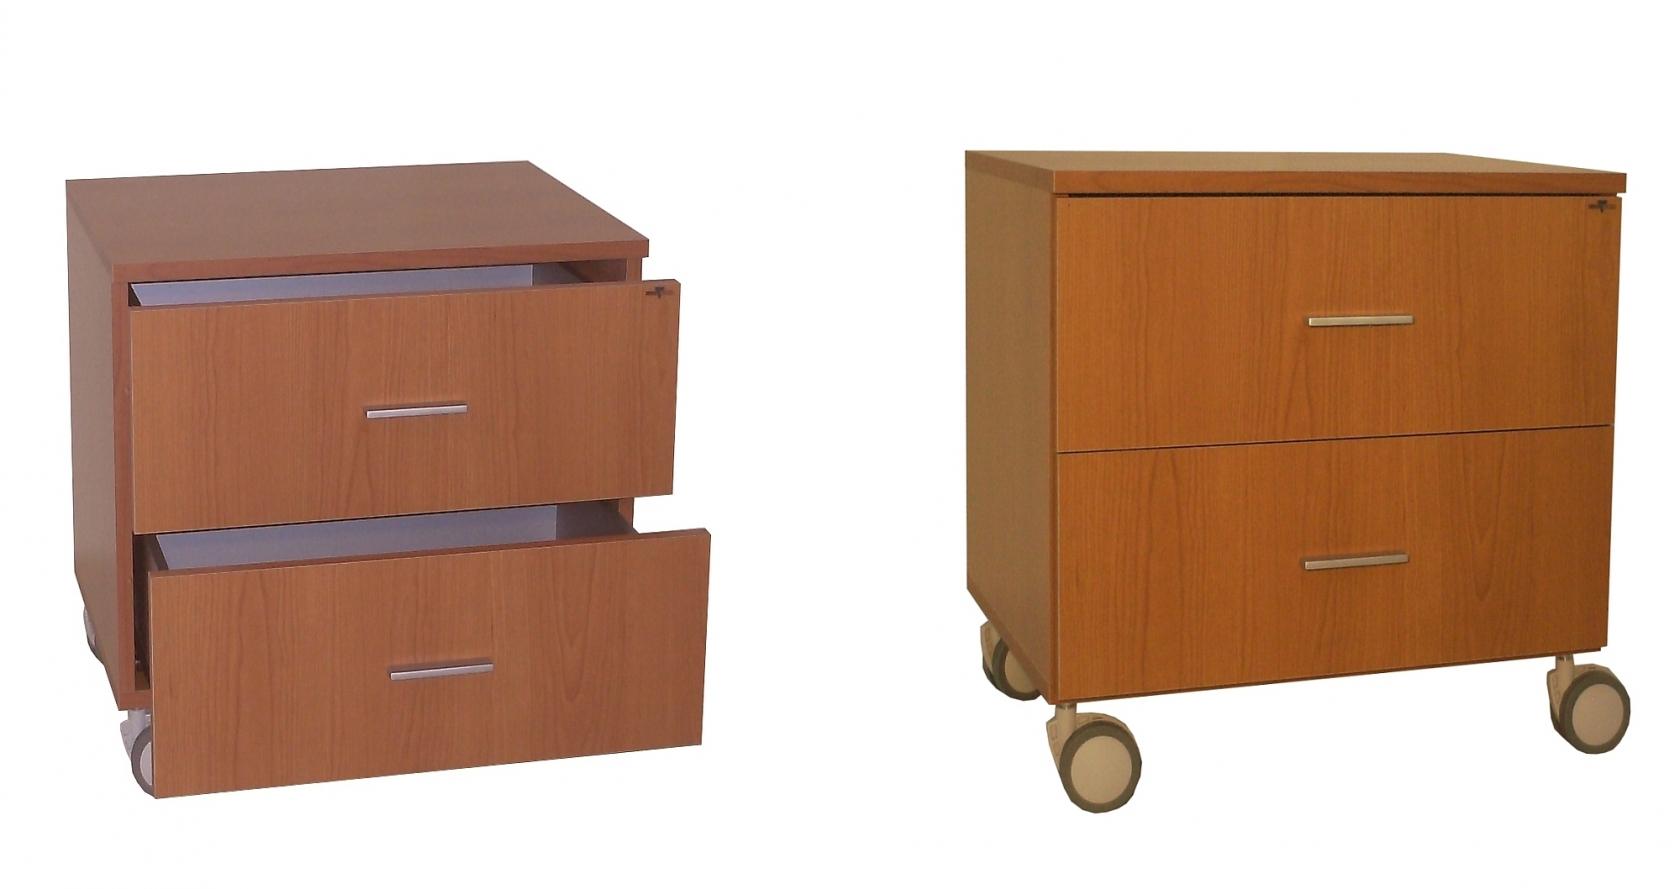 Cas60r cassettiera con 2 cassetti su ruote benigni mobili - Mobili con ruote ...